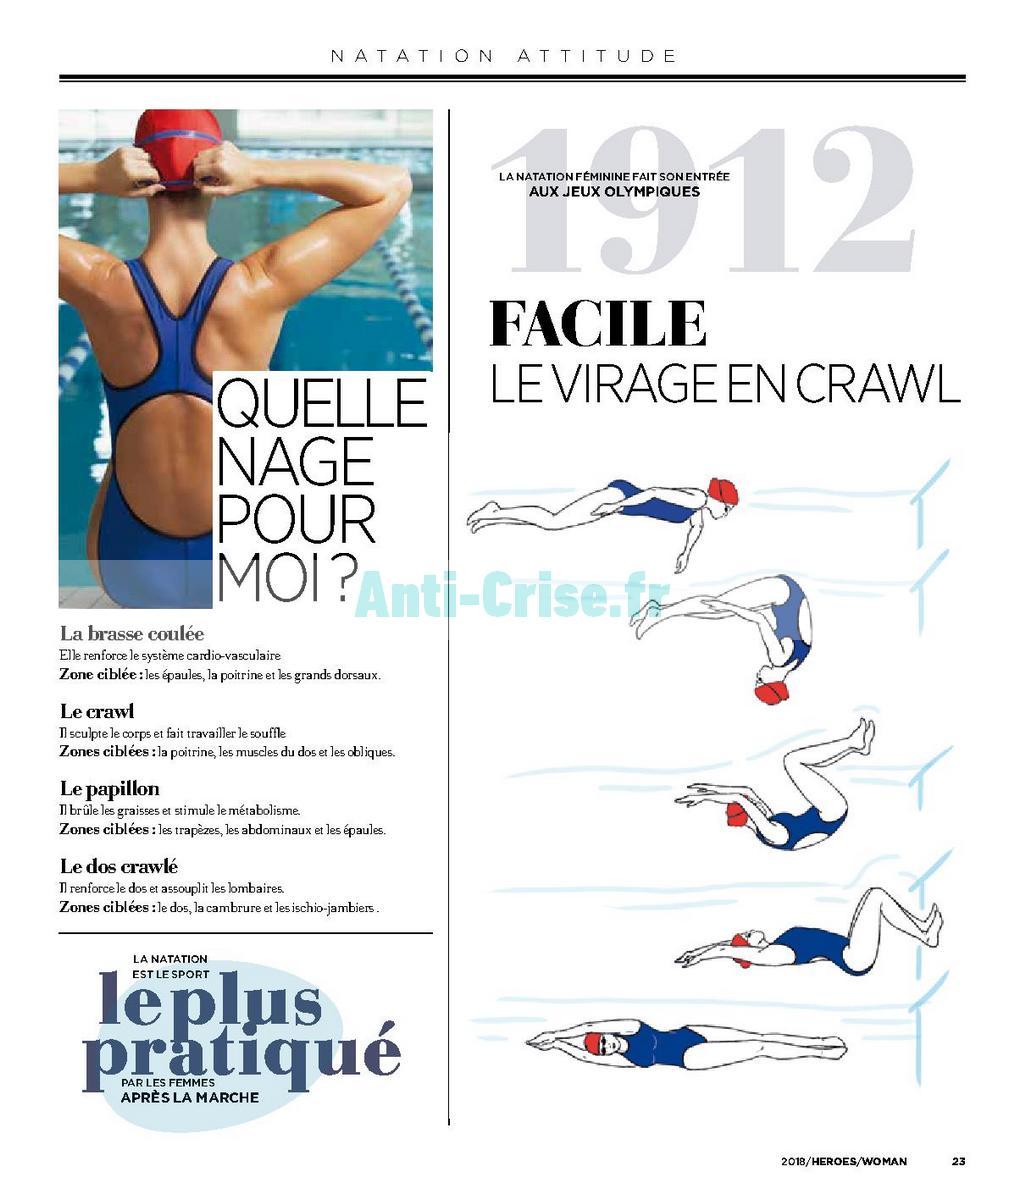 decembre2018 Catalogue Go Sport du 28 avril au 31 décembre 2018 (Spécial Femme) (23)